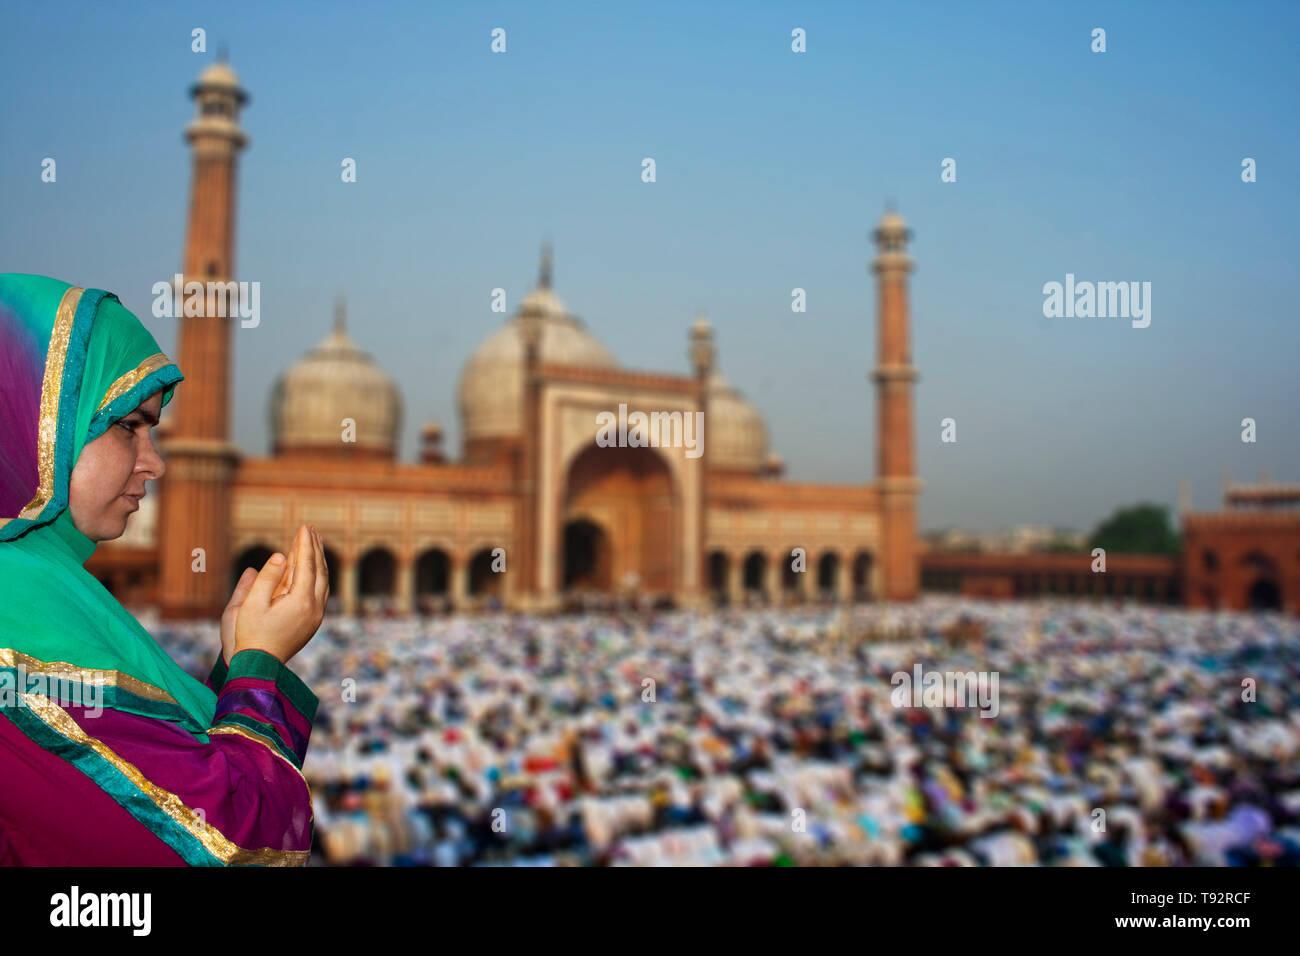 Muslim Devotees offer Eid-ul-fitr prayers at Jama Masjid - Stock Image